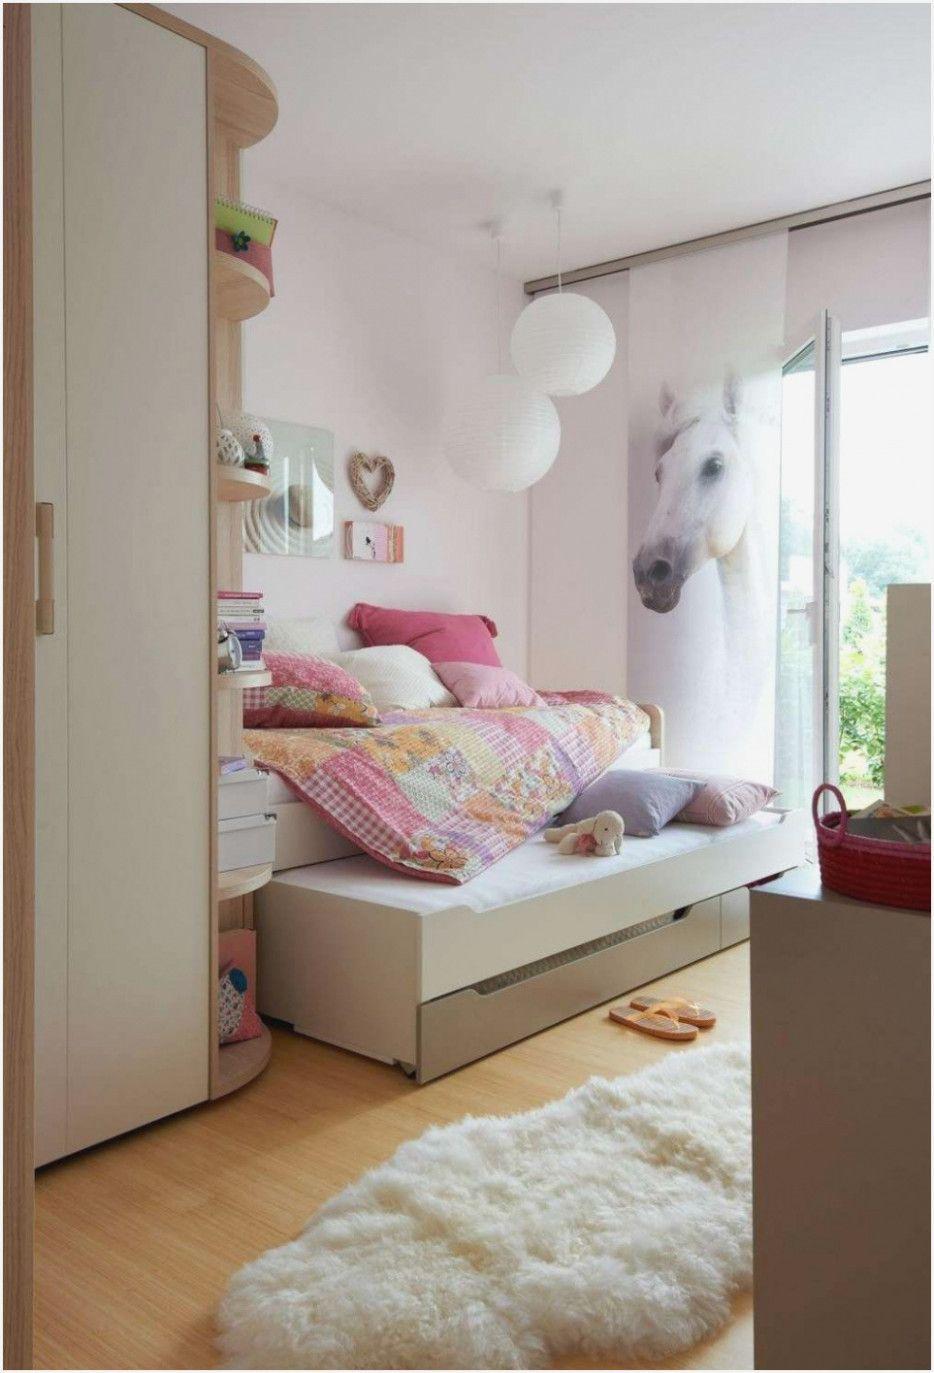 14 14 Qm Vertrauens Einrichten In 2020 Schlafzimmer Einrichten Zimmer Einrichten Zimmer